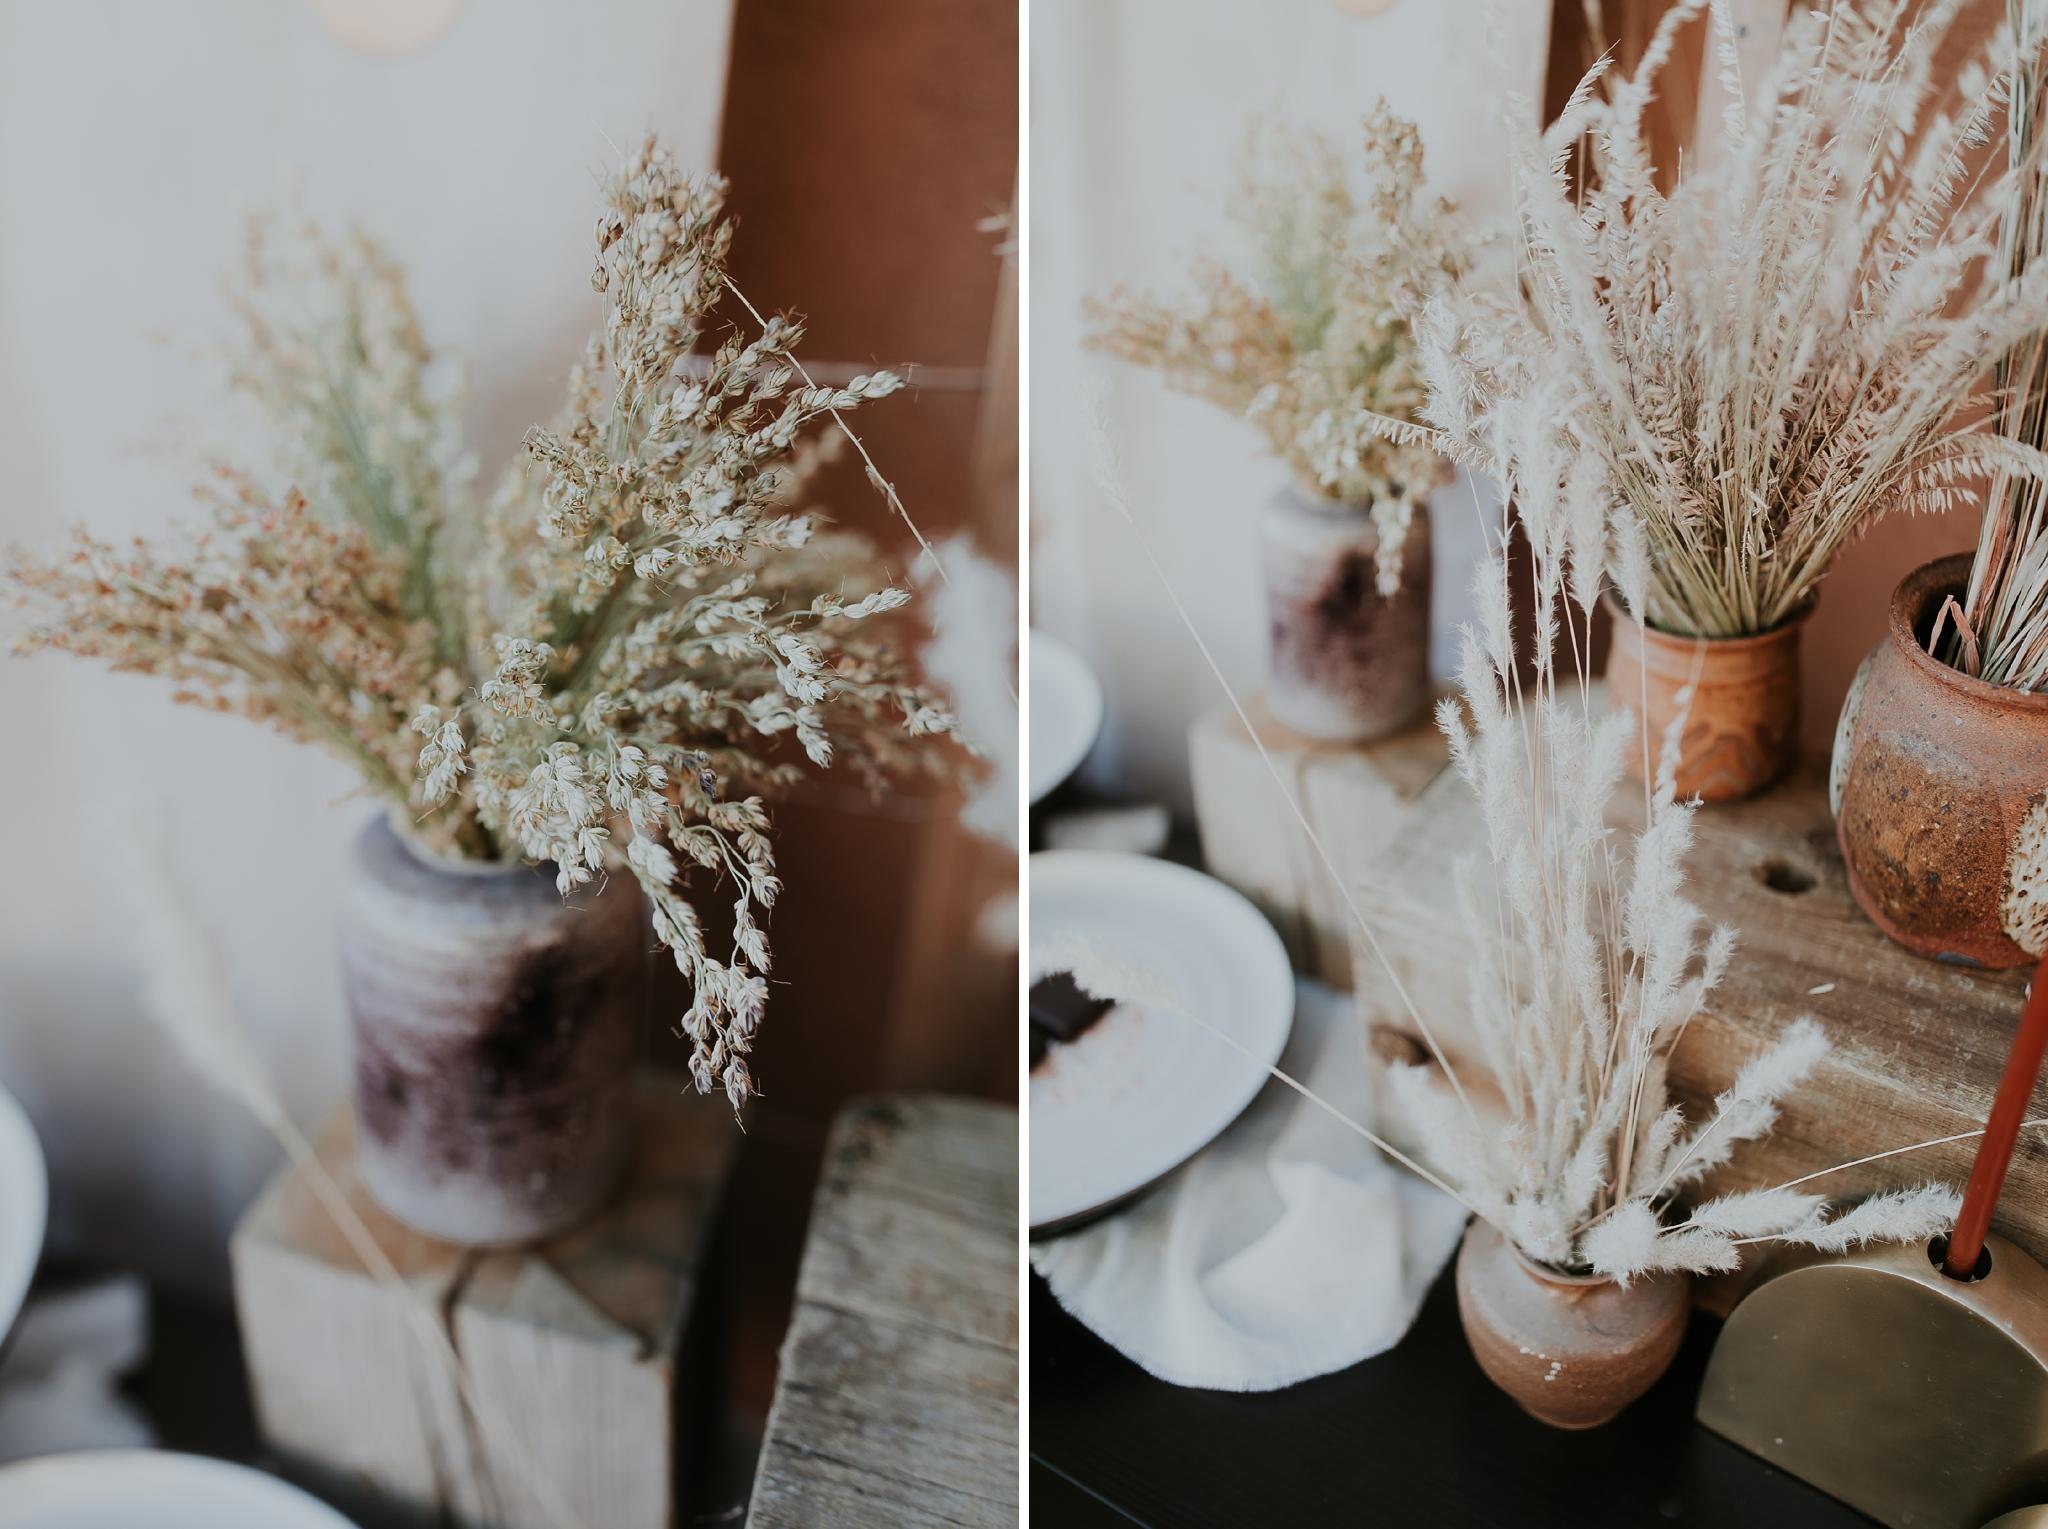 Alicia+lucia+photography+-+albuquerque+wedding+photographer+-+santa+fe+wedding+photography+-+new+mexico+wedding+photographer+-+new+mexico+wedding+-+new+mexico+wedding+-+wedding+florals+-+desert+wedding+-+wedding+trends_0053.jpg